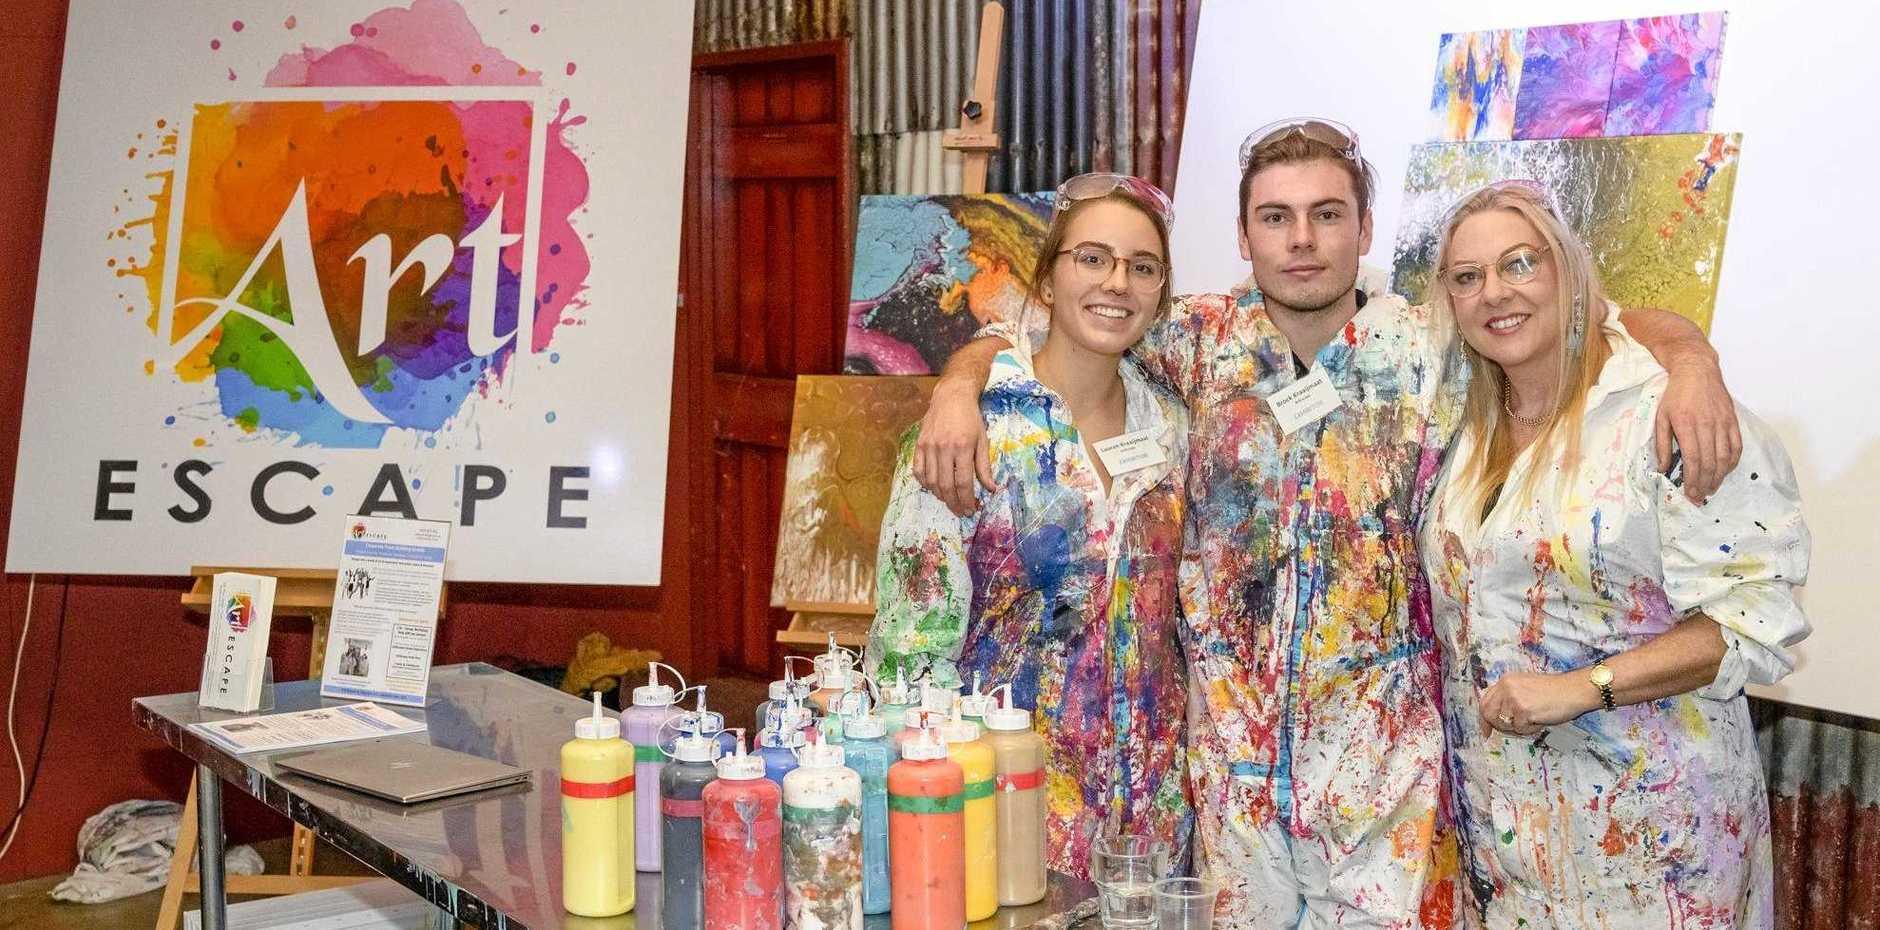 COLOUR SPLASH: Lauren Dumont, Brock Kraaijmaat and Willeke Kraaijmaat of Art Escape, one of the newest creative business on the streets of Caloundra.